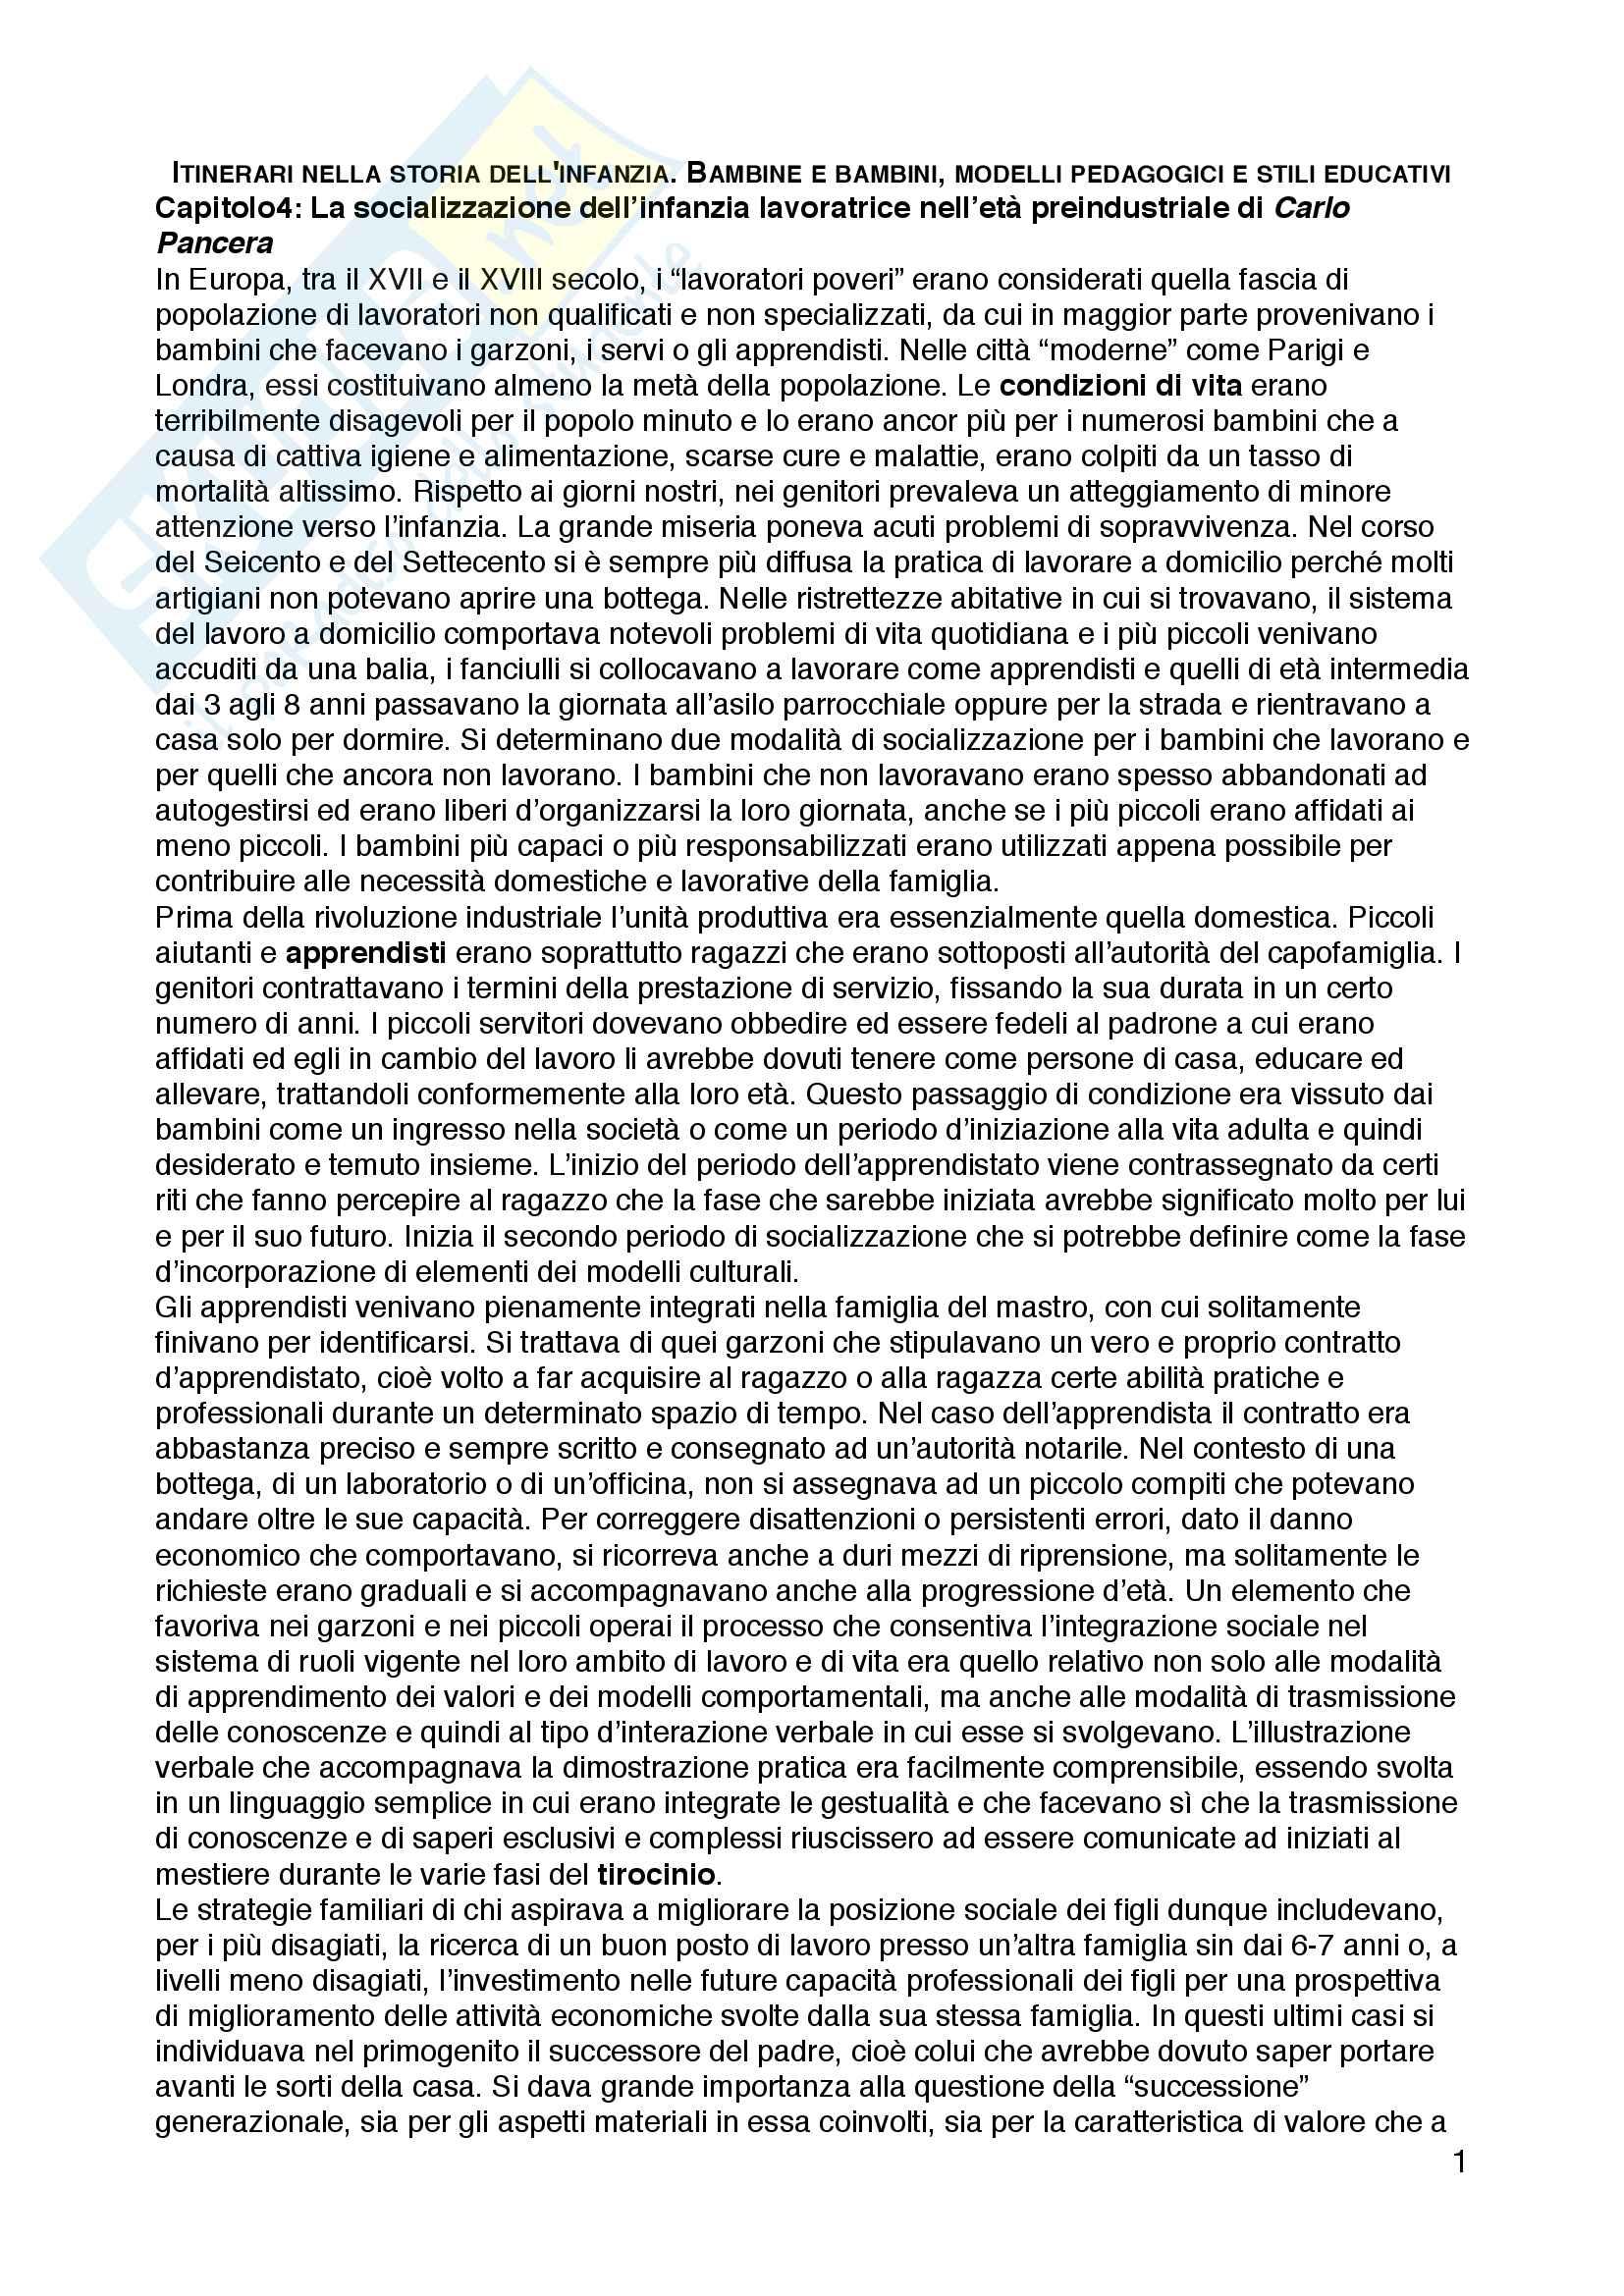 """Riassunto esame Pedagogia dell'infanzia, prof.ssa Simonetta Ulivieri, libro consigliato """"Itinerari nella storia dell infanzia. Bambine e bambini, modelli pedagogici e stili educativi"""", Carmela Covato, Simonetta Ulivieri"""